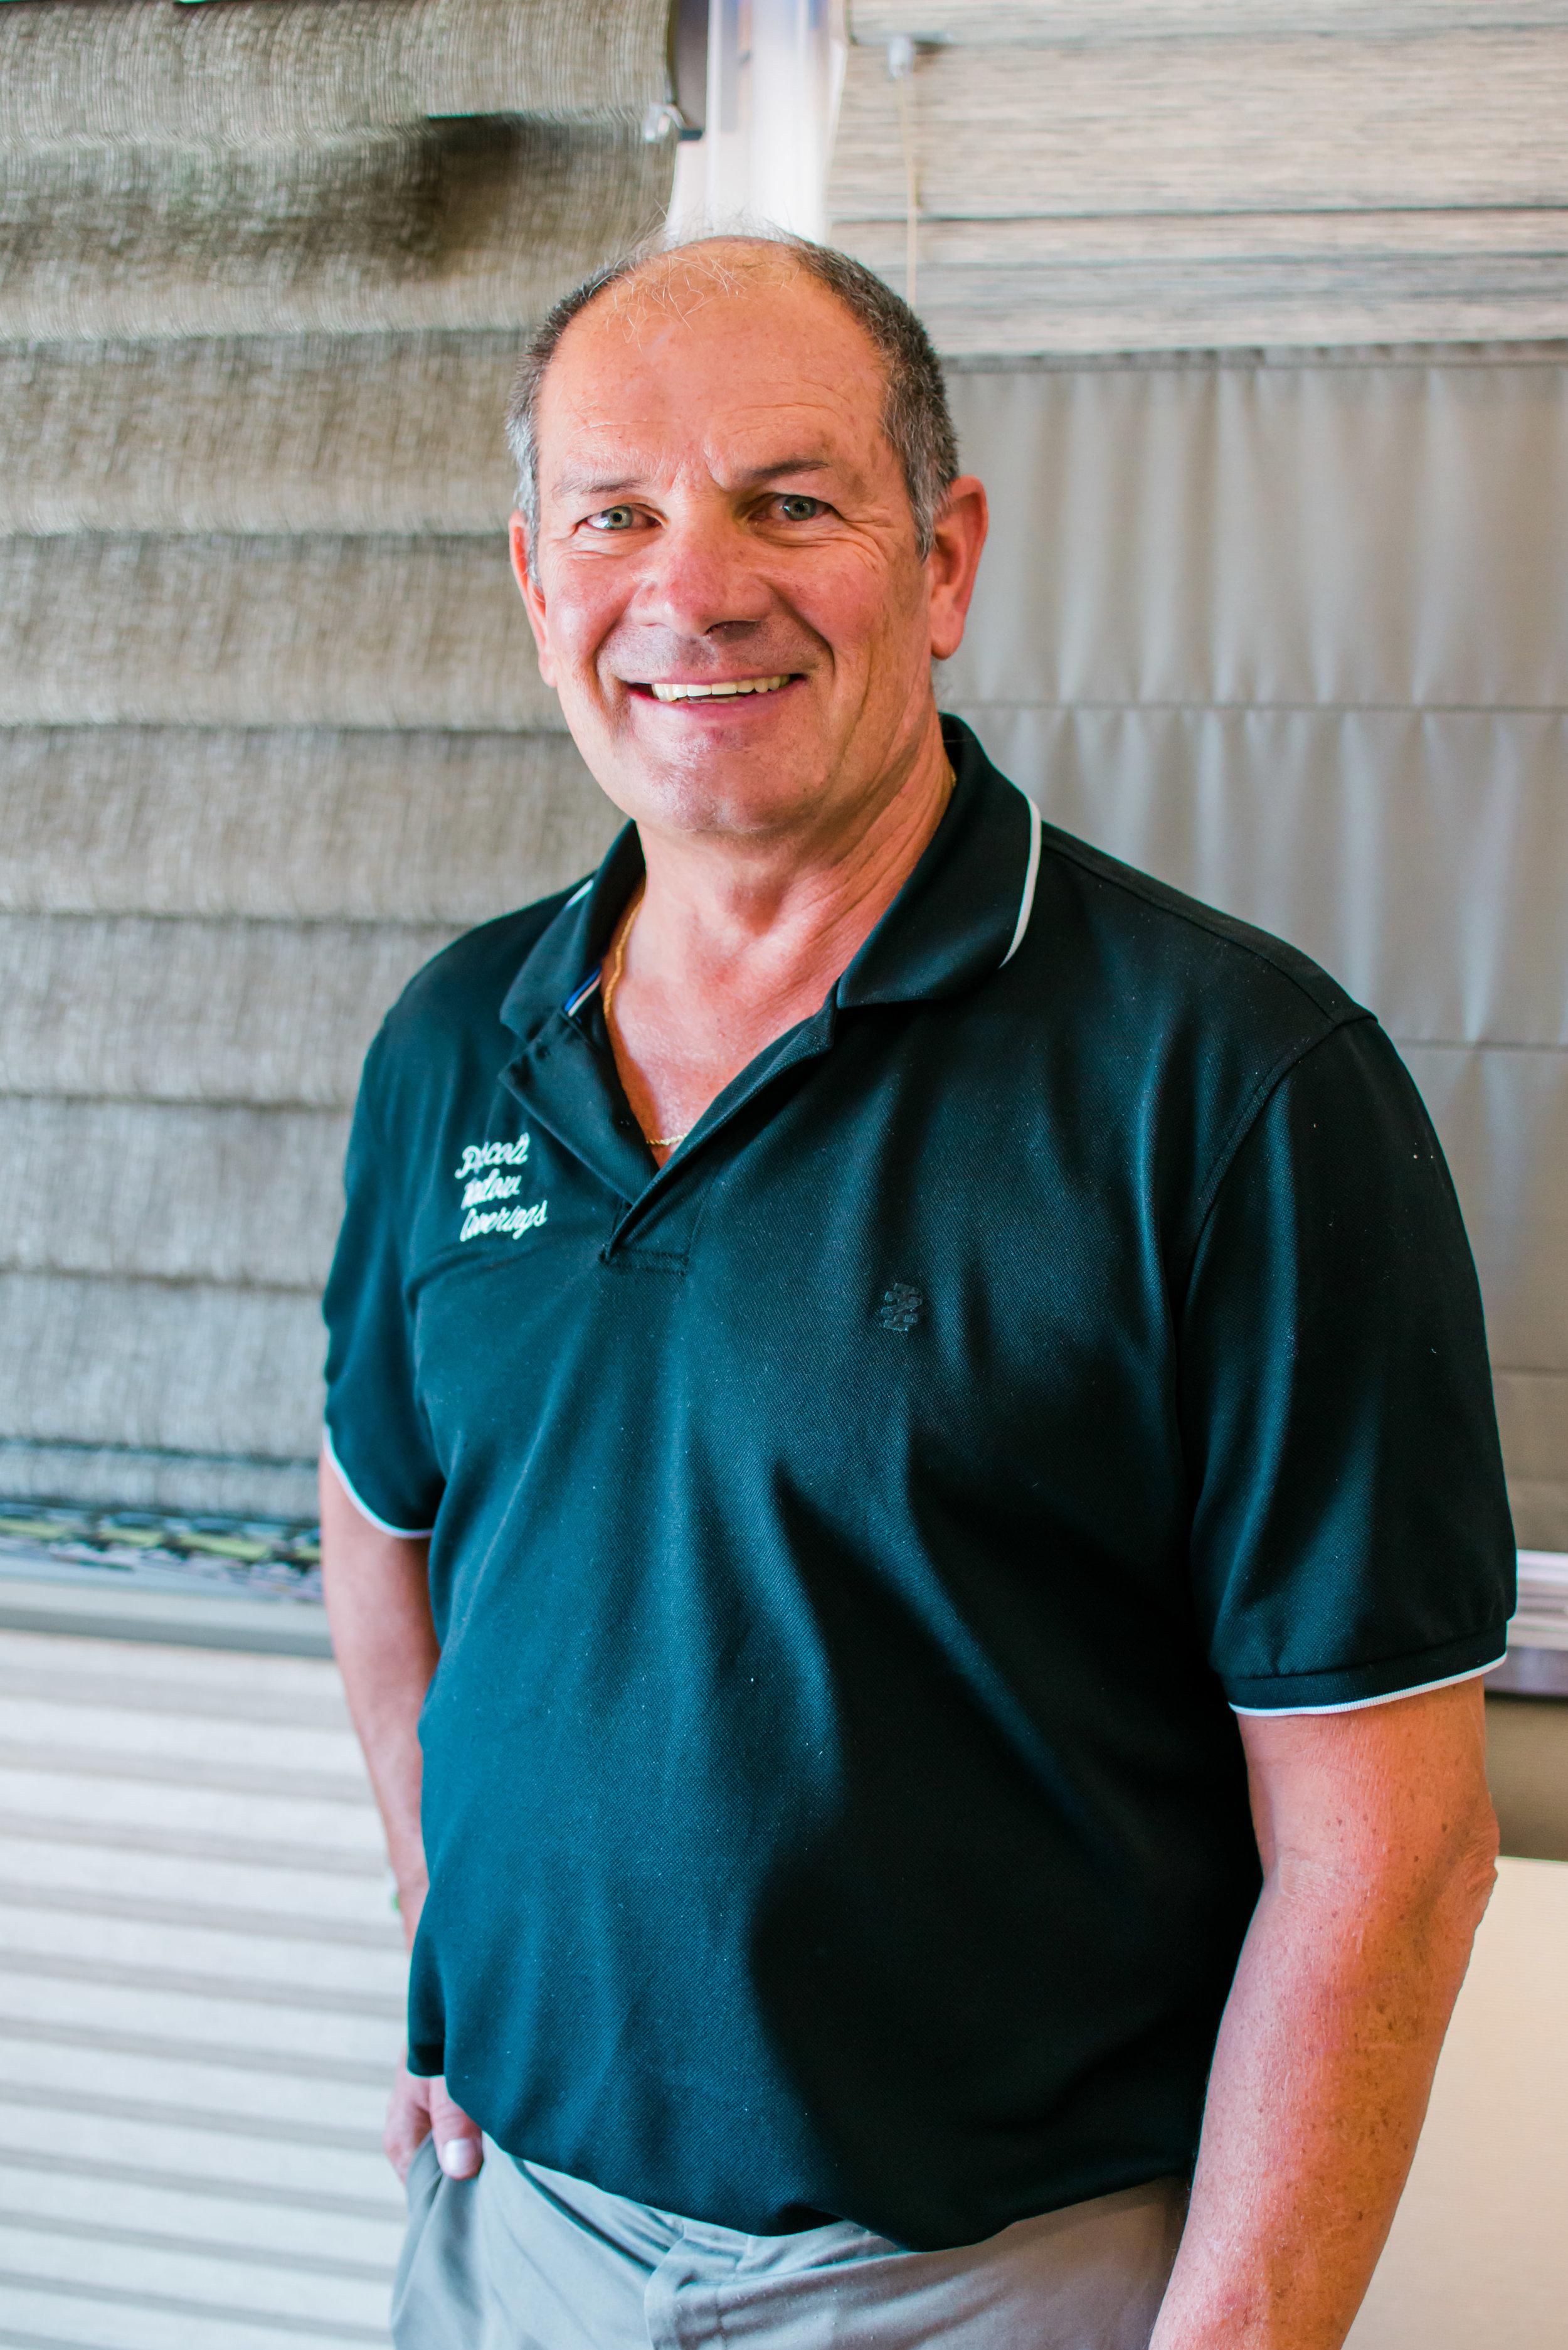 Tom Binkley - Owner of Prescott Window Coverings